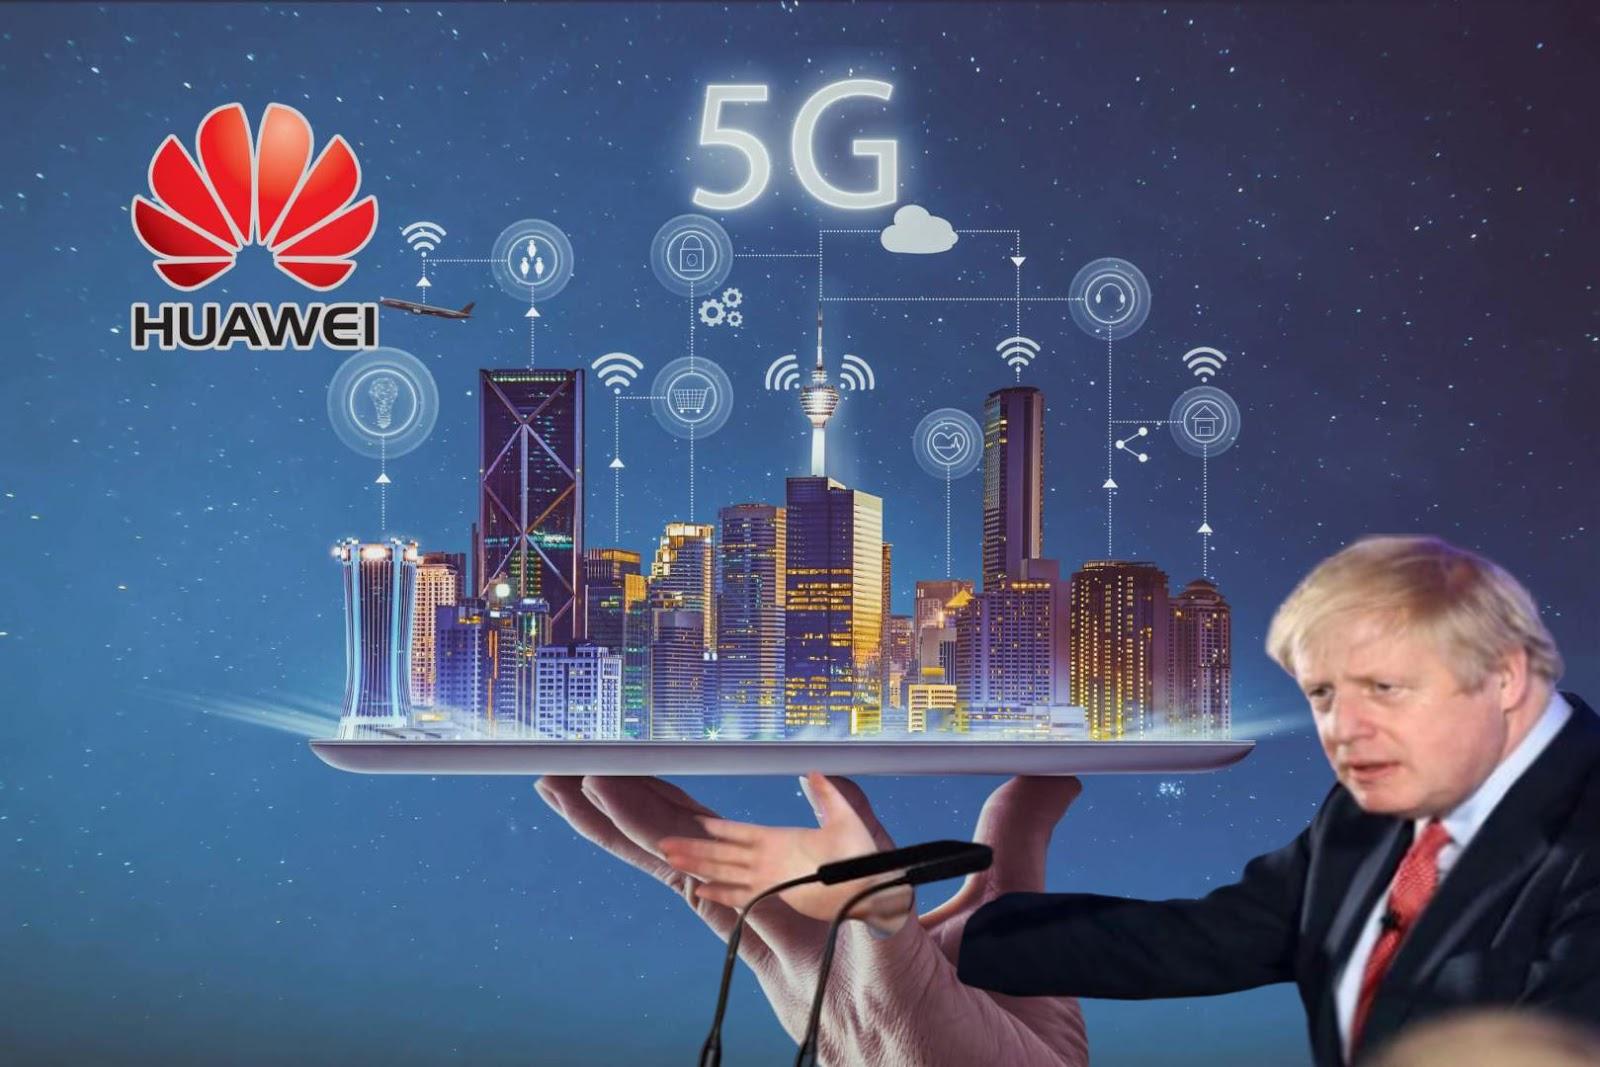 بريطانيا تسمح لهواوي ببناء شبكات 5G  بالرغم من التحذير الأمريكي